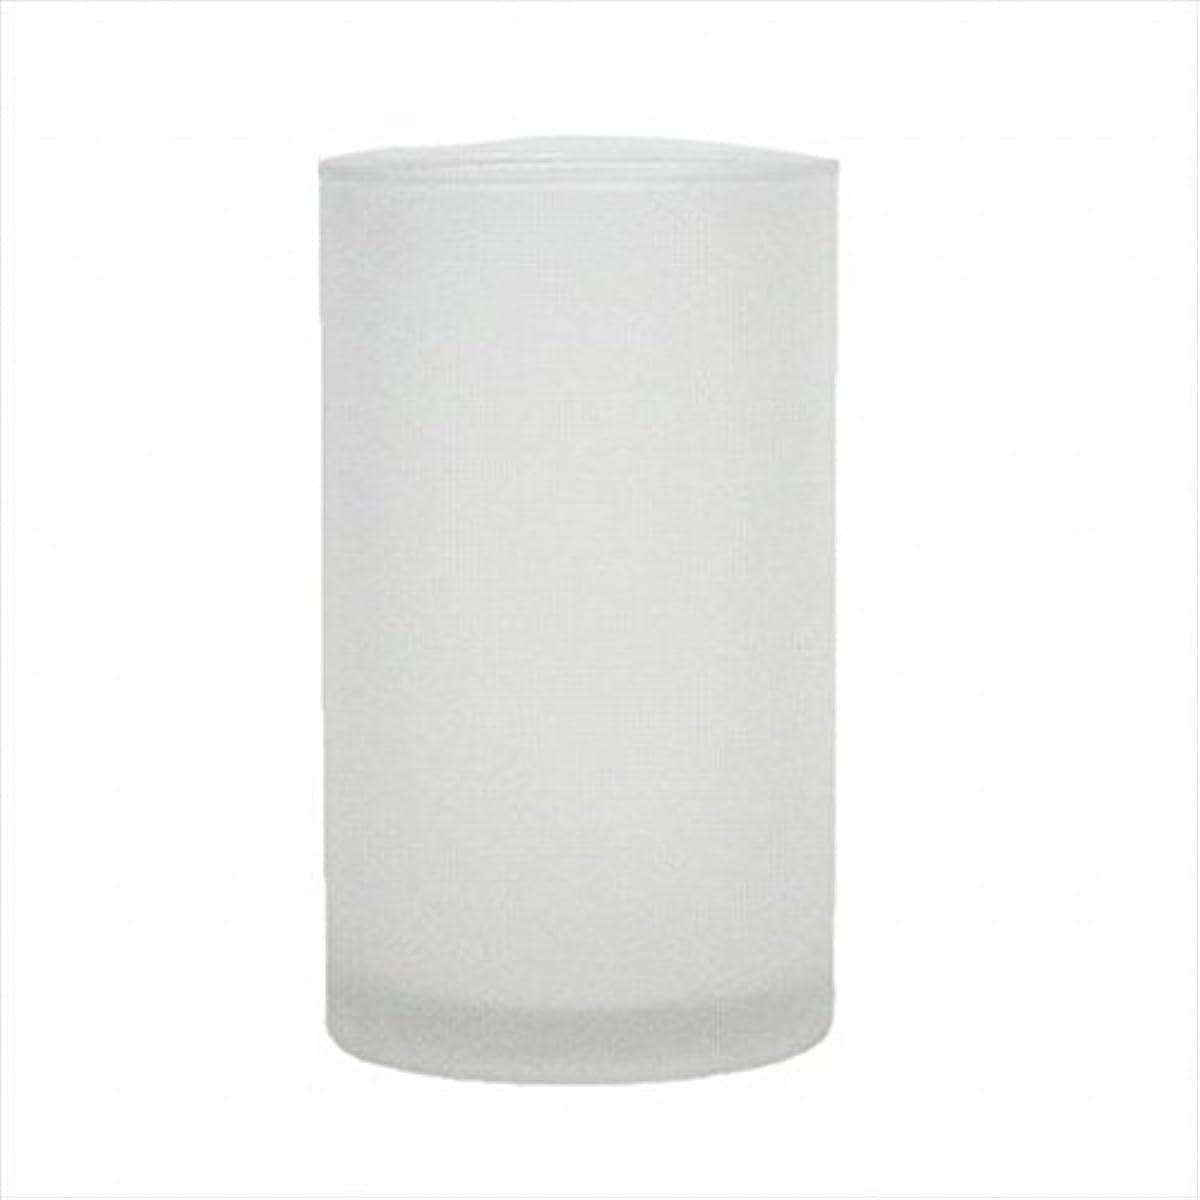 パッケージ研究回転するkameyama candle(カメヤマキャンドル) モルカグラスSフロスト キャンドル 90x90x155mm (65980000)